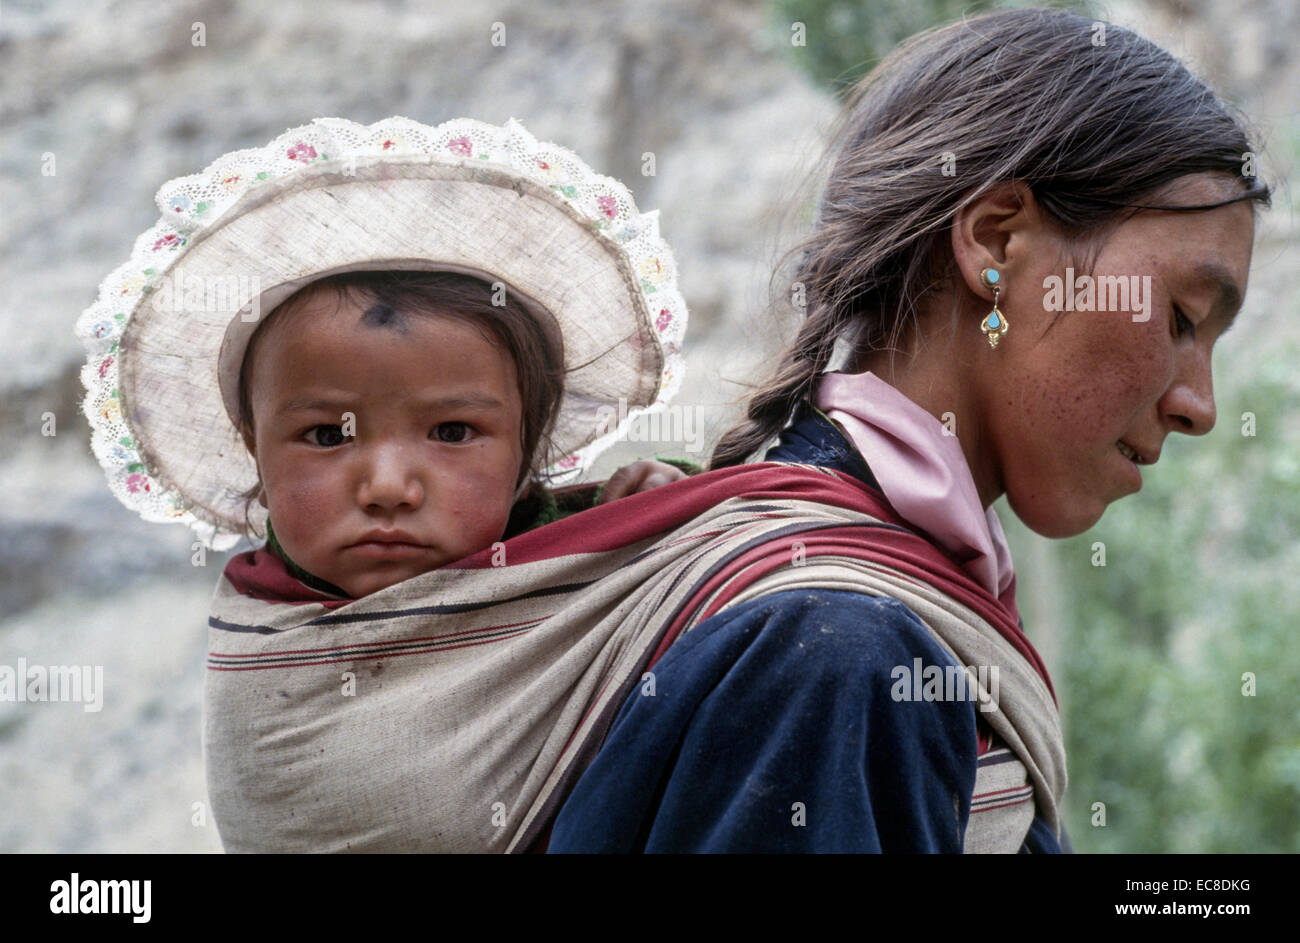 Ladakh madre bebé en la espalda del niño lleva sombrero para el sol tela  papoose joven ecd9f1585ae2